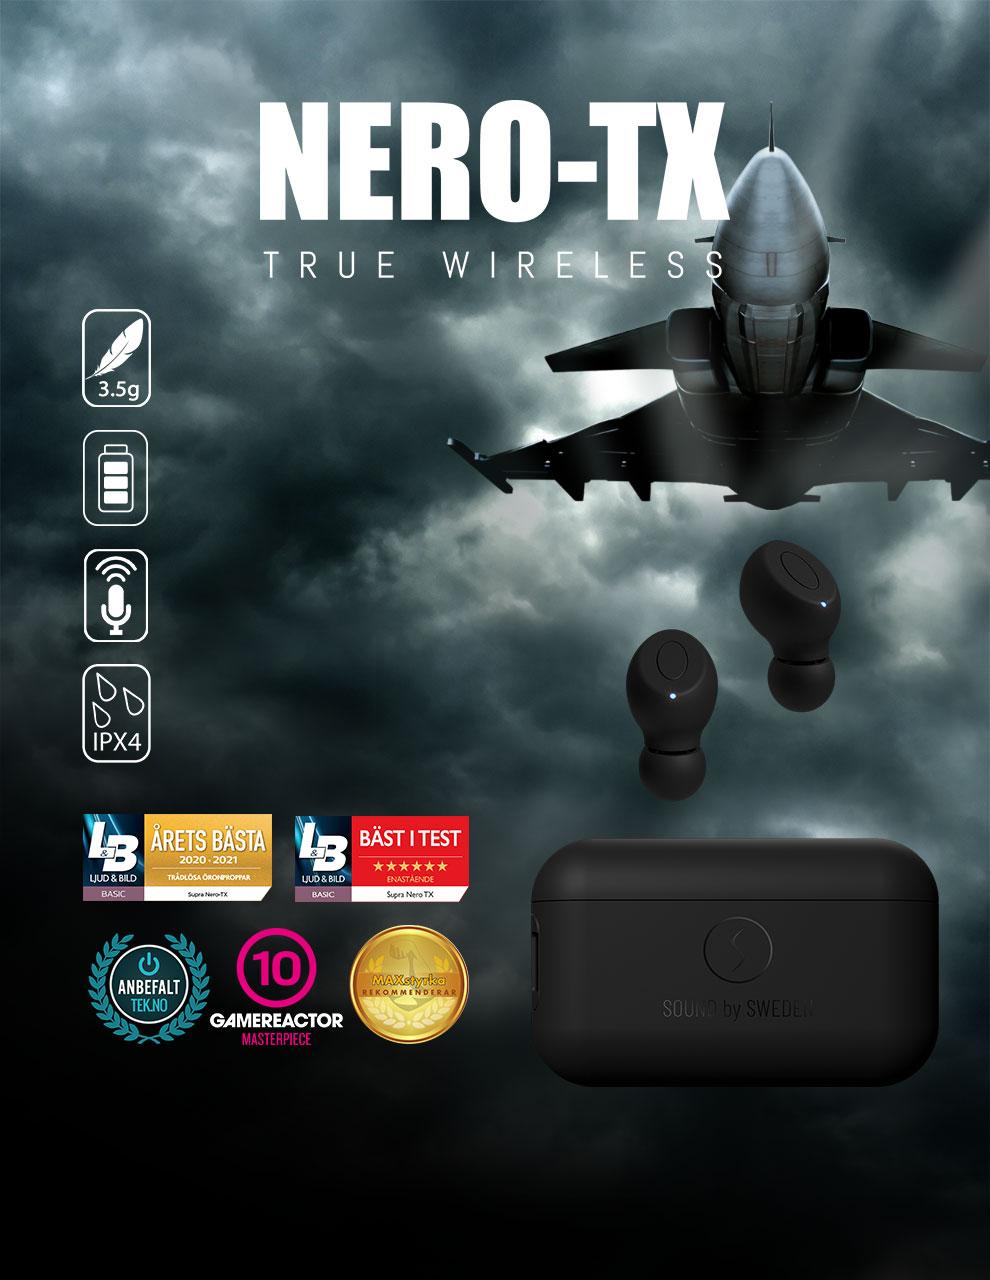 NERO-TX True Wireless hörlurar